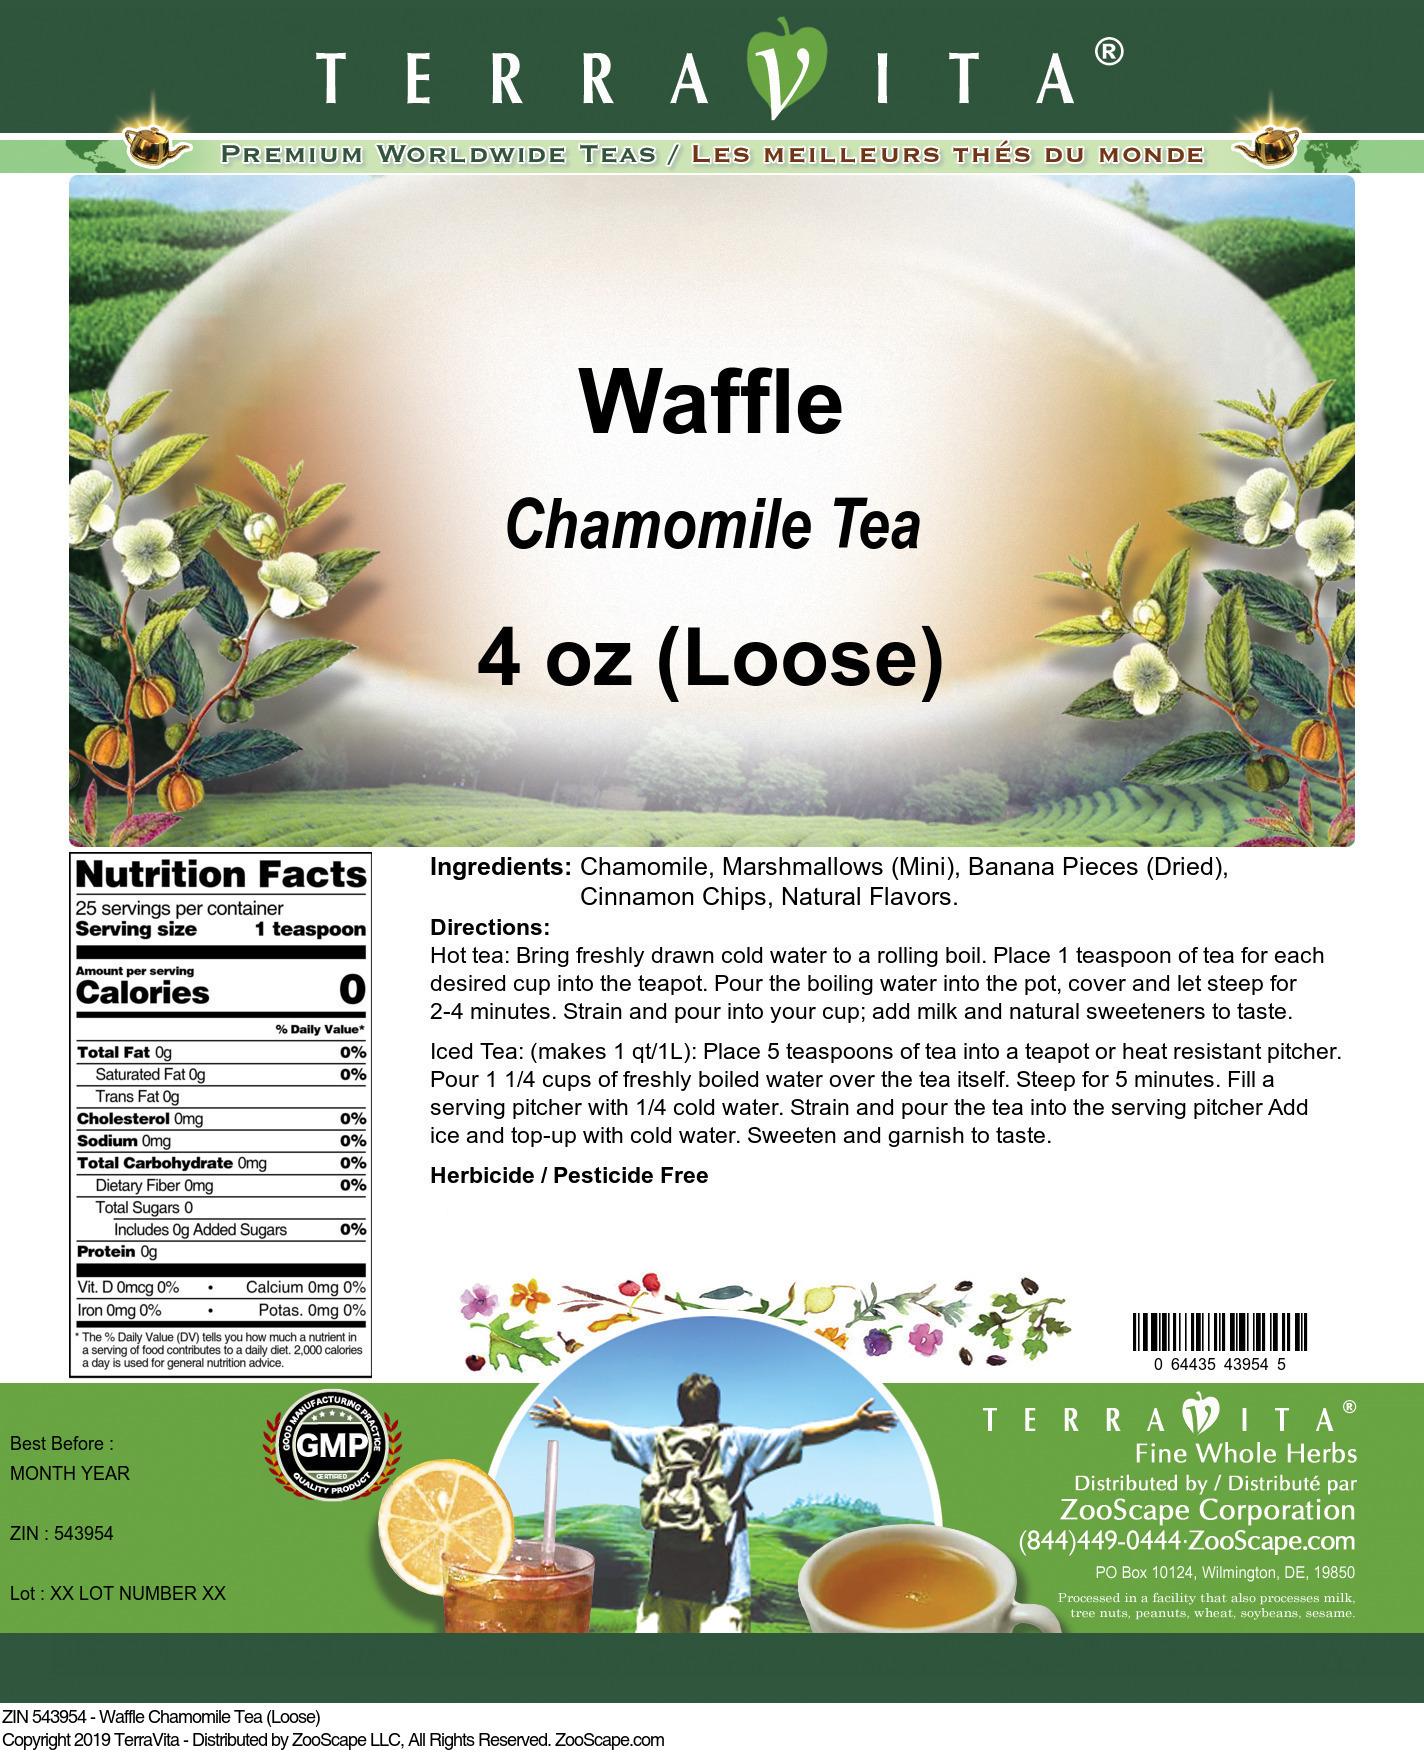 Waffle Chamomile Tea (Loose)